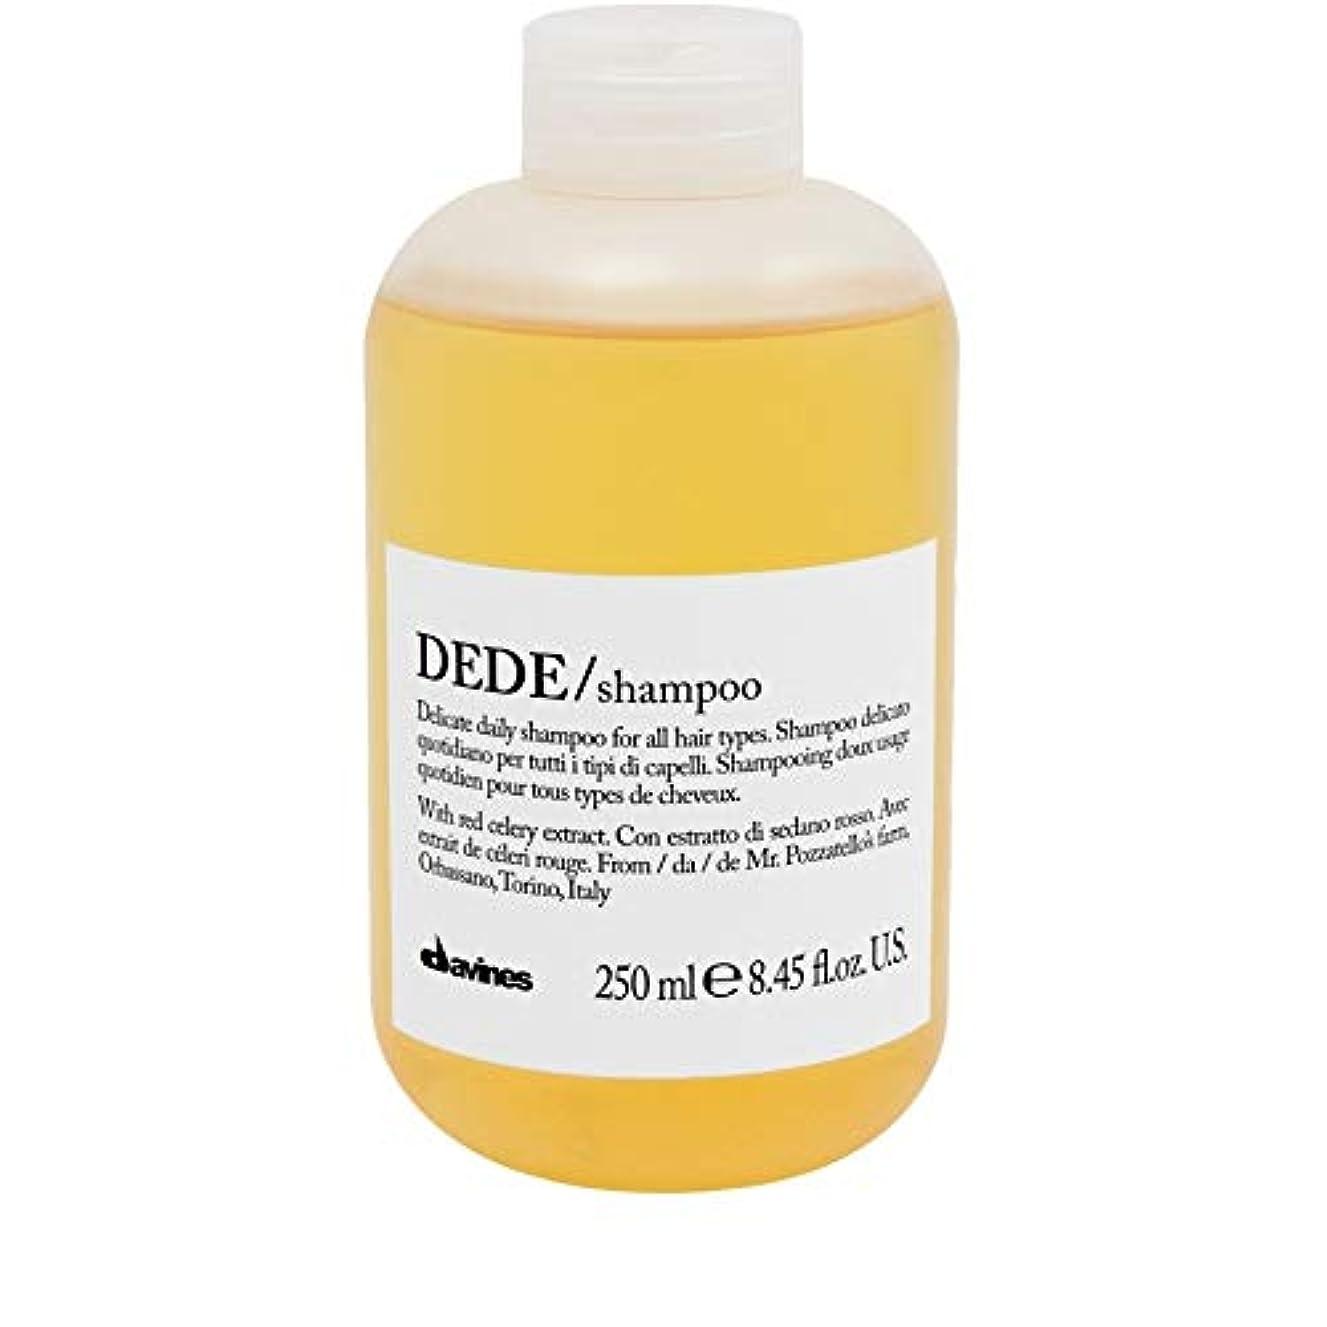 スプーン必需品小競り合い[Davines ] ダヴィネスDedeシャンプー250Ml - Davines Dede Shampoo 250ml [並行輸入品]